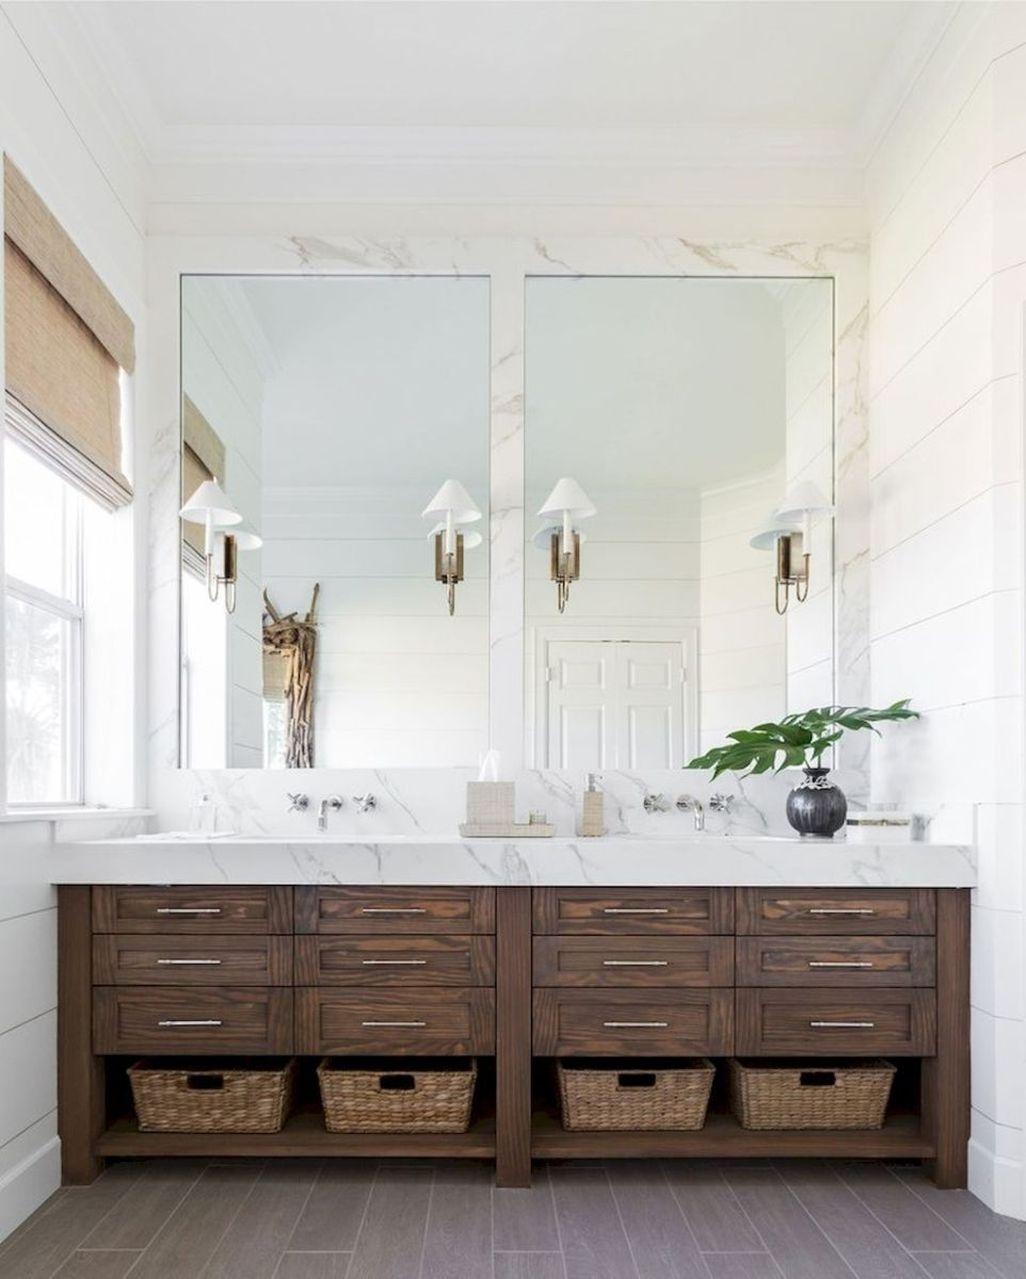 Fresh Rustic Farmhouse Master Bathroom Remodel Ideas 31